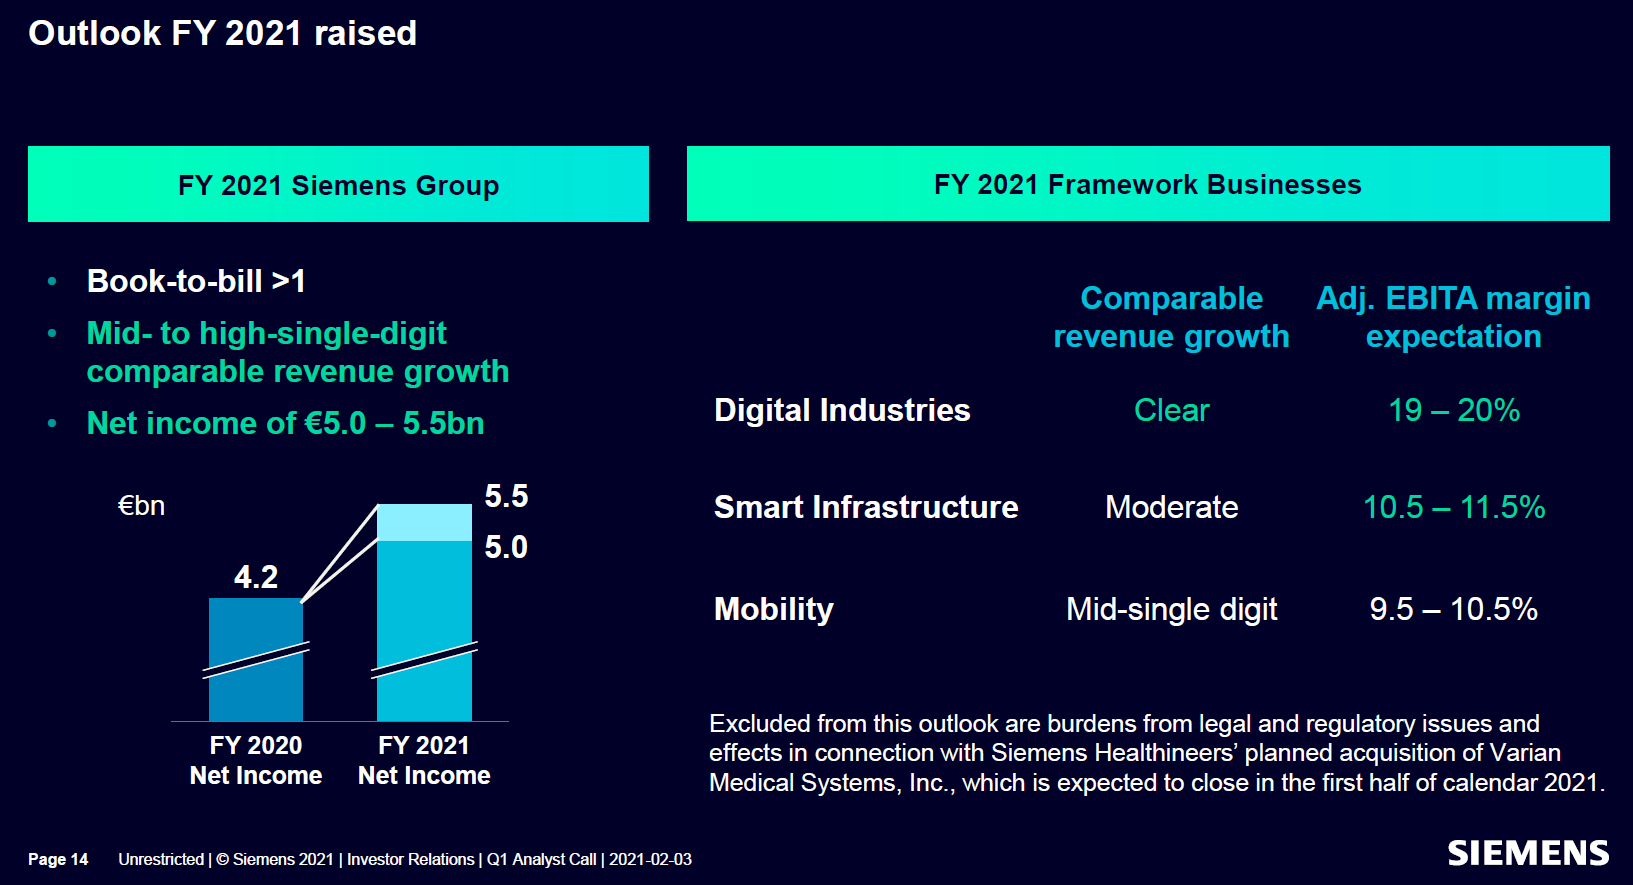 Výhled Siemensu na fiskální rok 2021